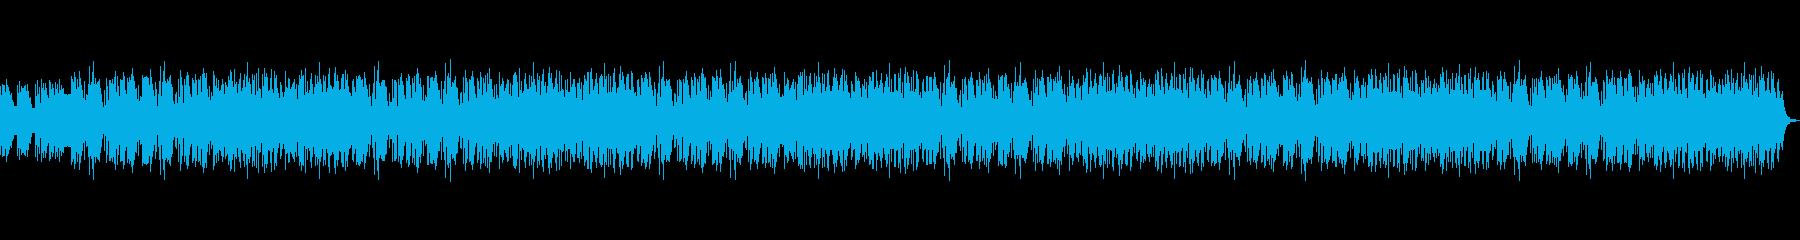 春を感じるお洒落なジャズピアノBGMの再生済みの波形